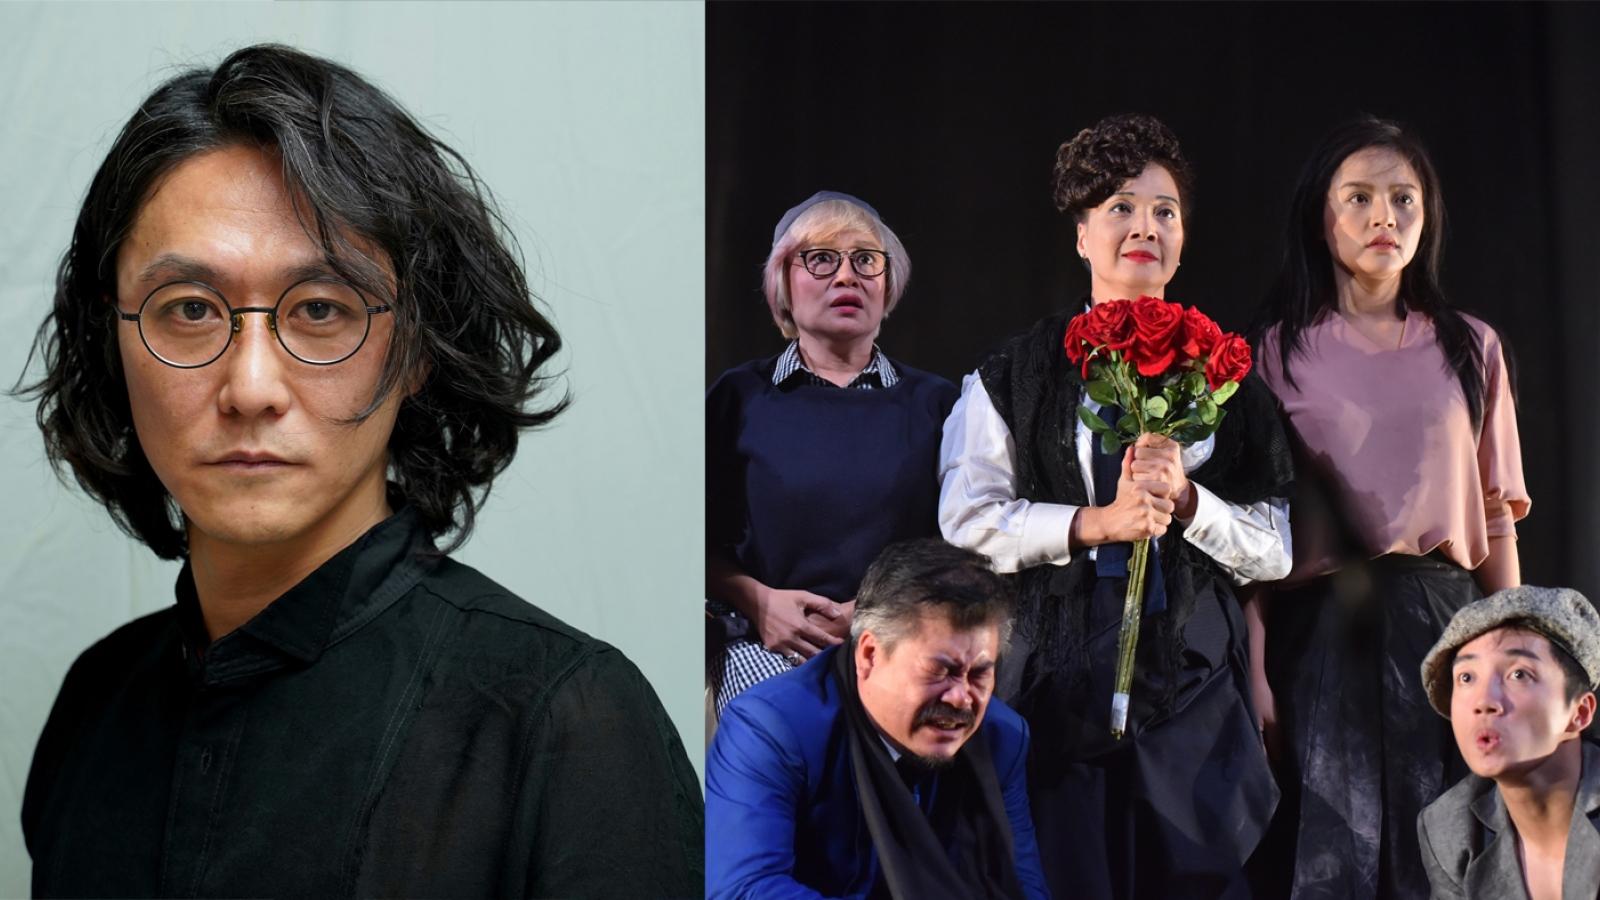 Đạo diễn hàng đầu Nhật Bản đảm nhận vai trò cố vấn nghệ thuật của Nhà hát Tuổi Trẻ